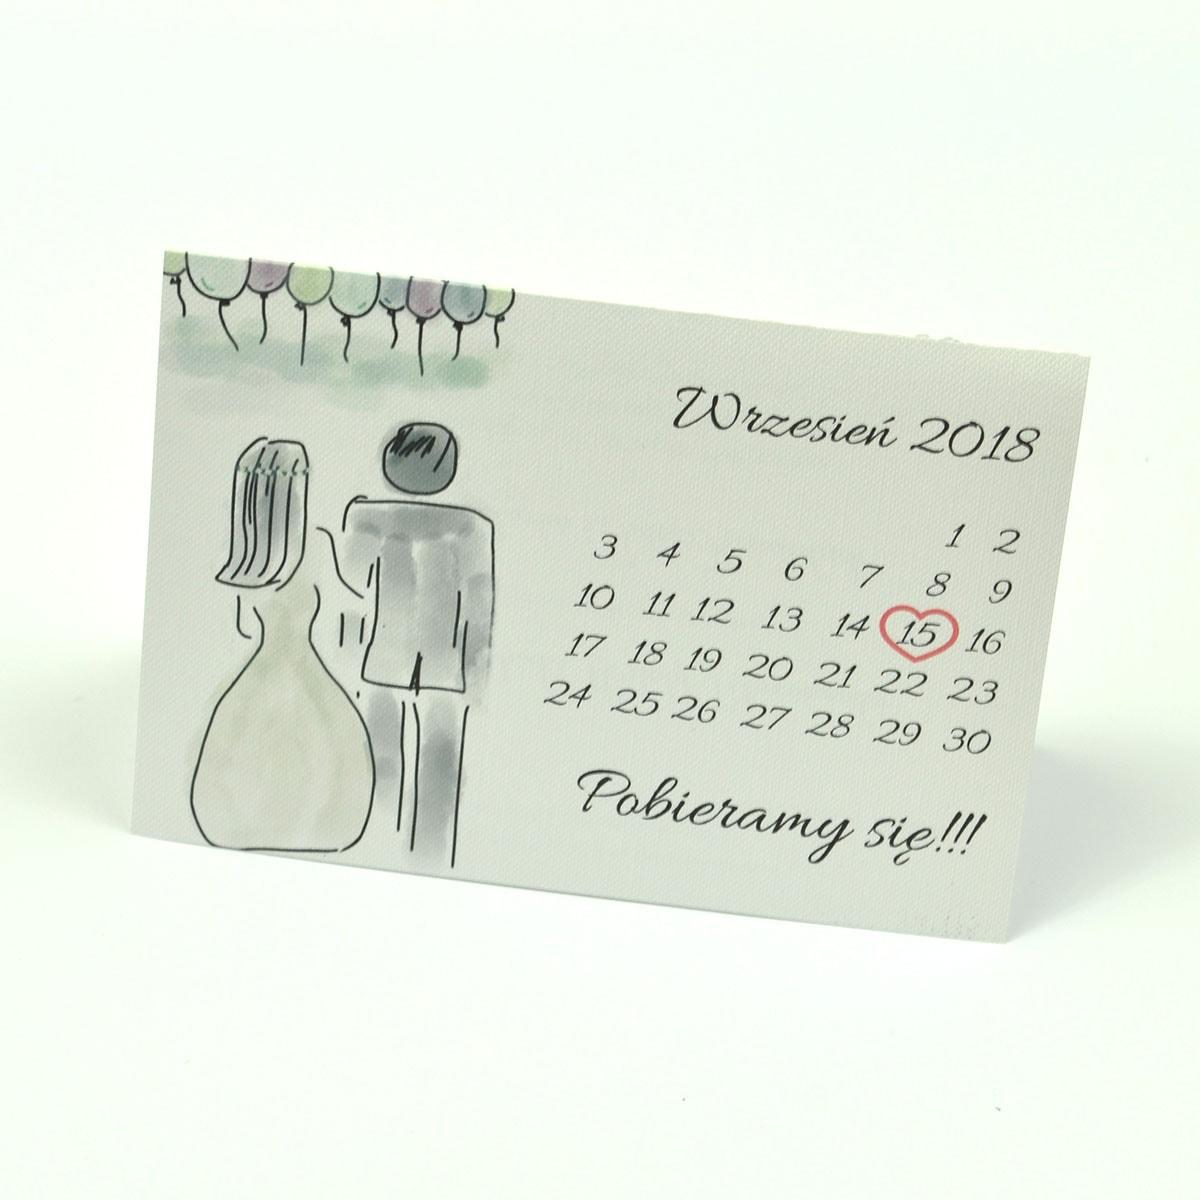 Klasyczne zaproszenia ślubne z obrazkiem przedstawiającym parę młodą podczas wesela oraz kartkę z kalendarza z zaznaczoną datą ślubu. ZAP-56-09